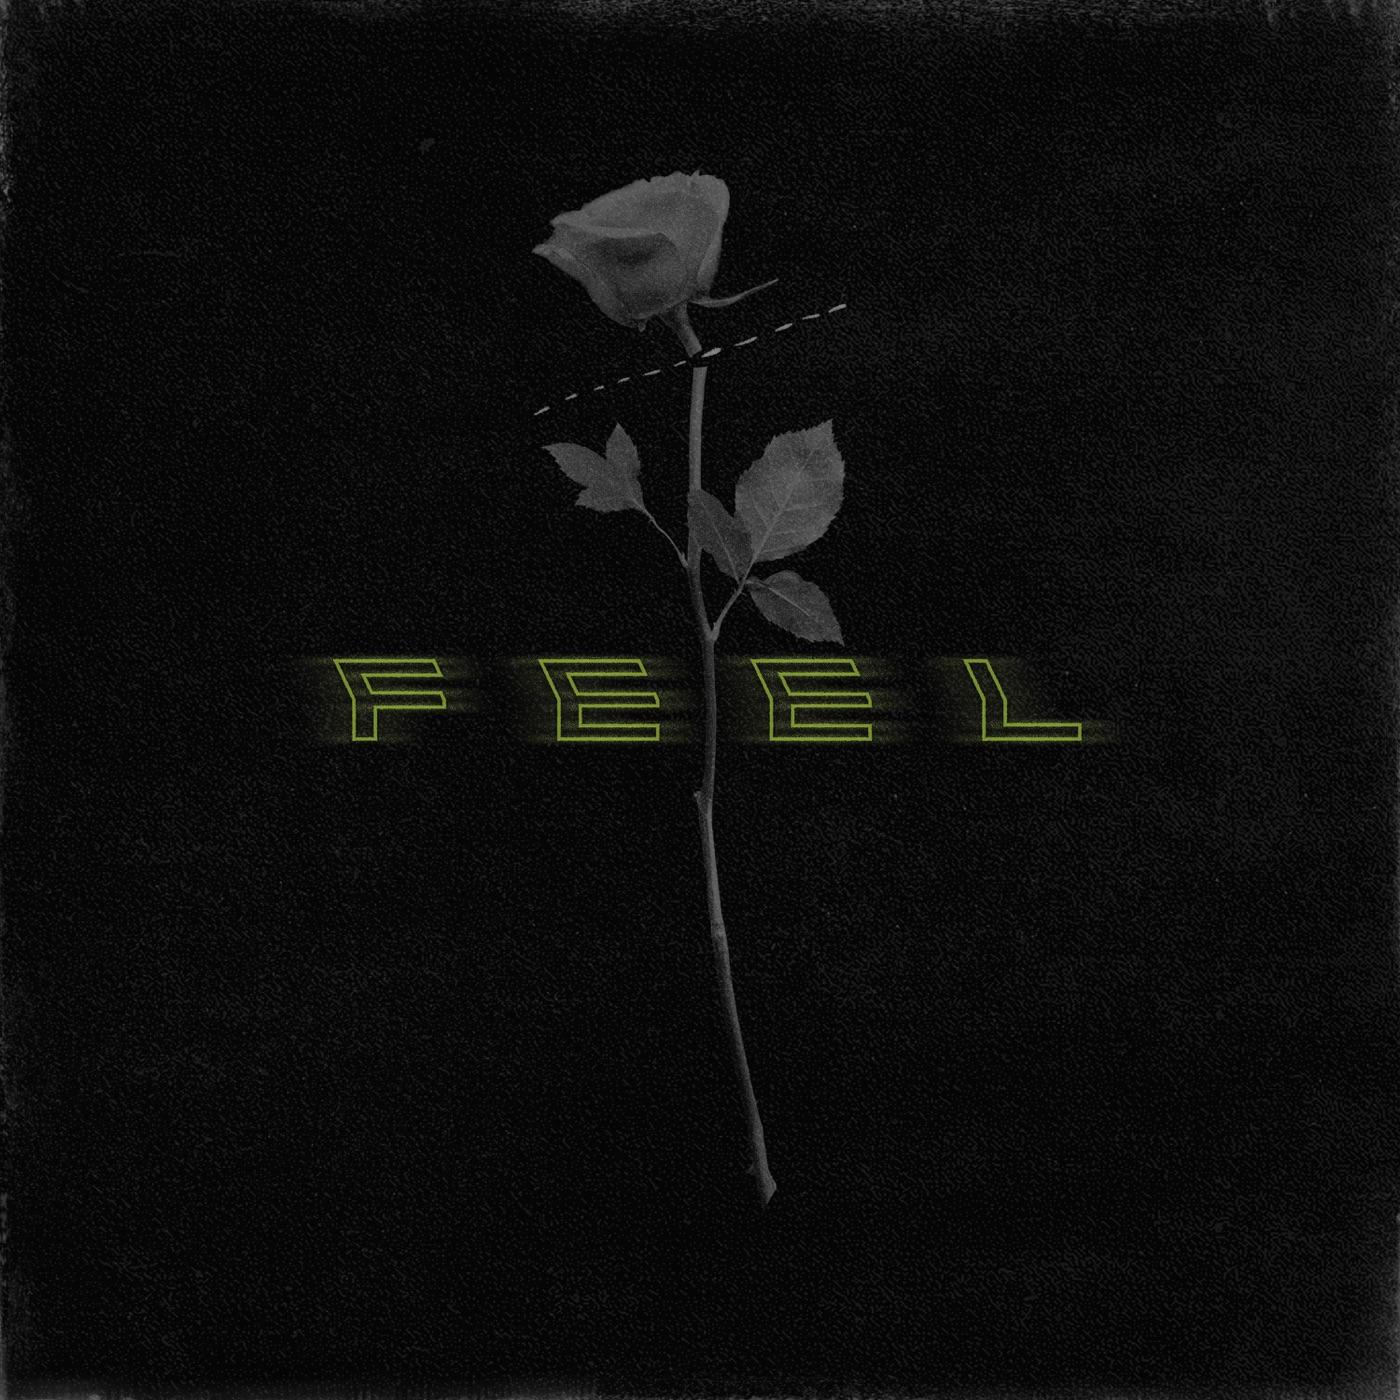 Perceptions - Feel (2019)